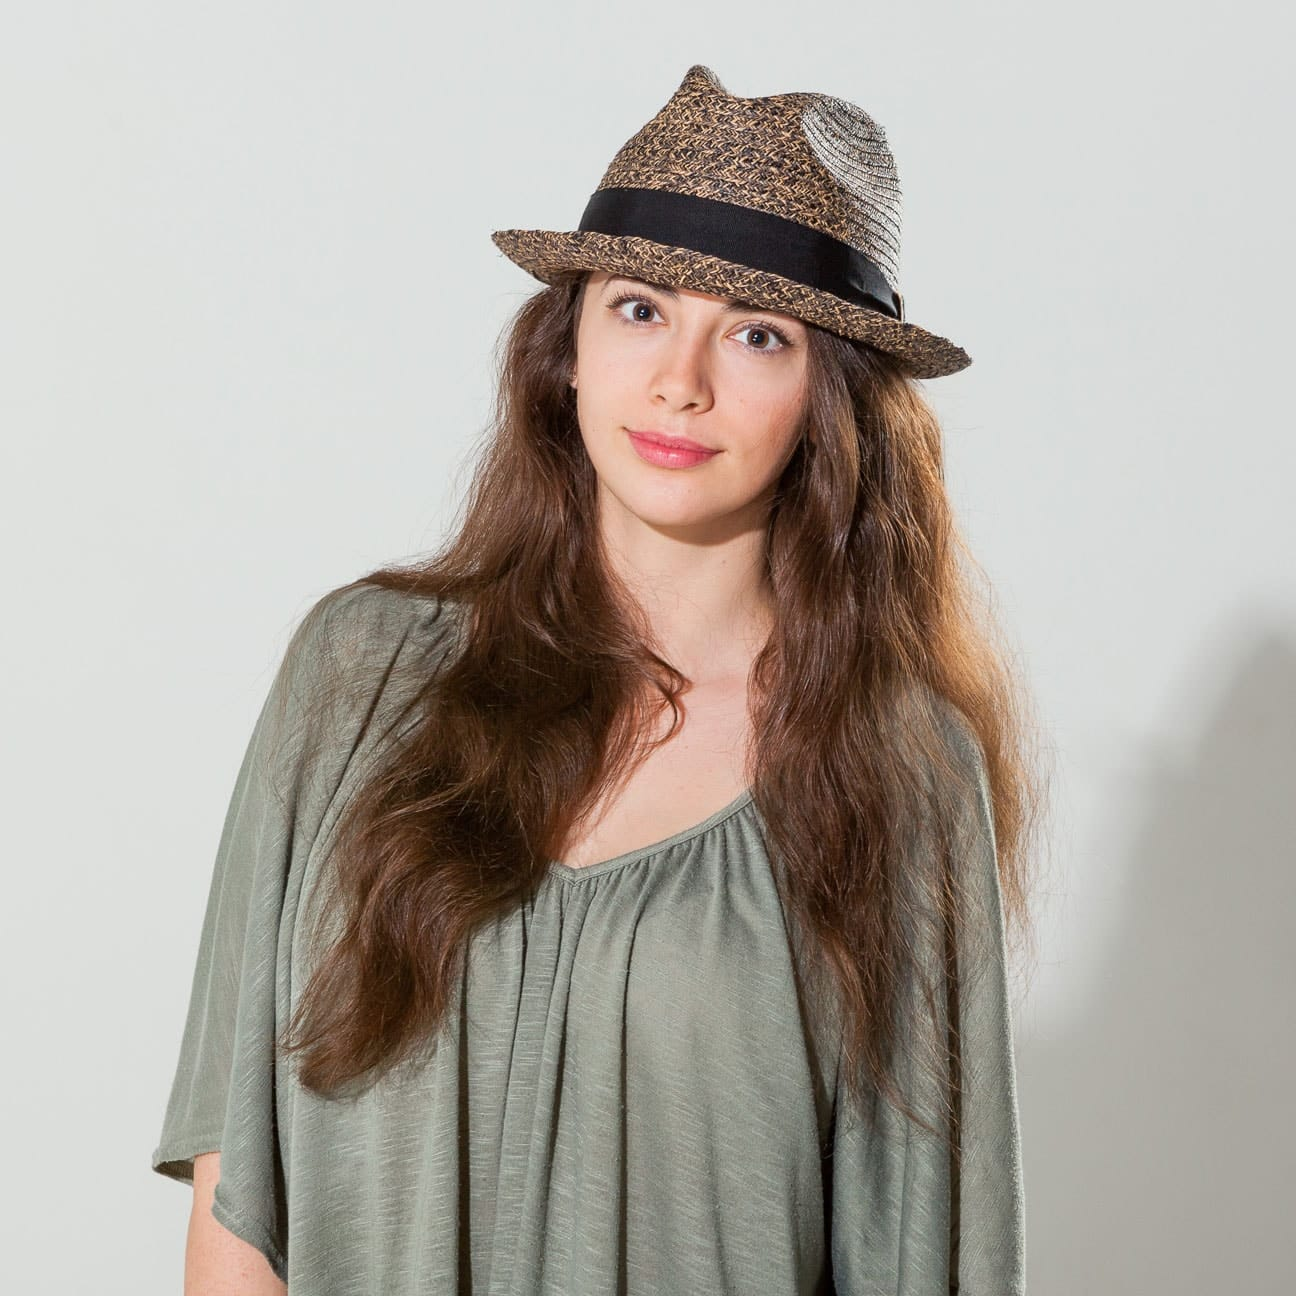 Sombrero Rafia by Bailey of Hollywood - Sombreros - sombreroshop.es 9fae3095008